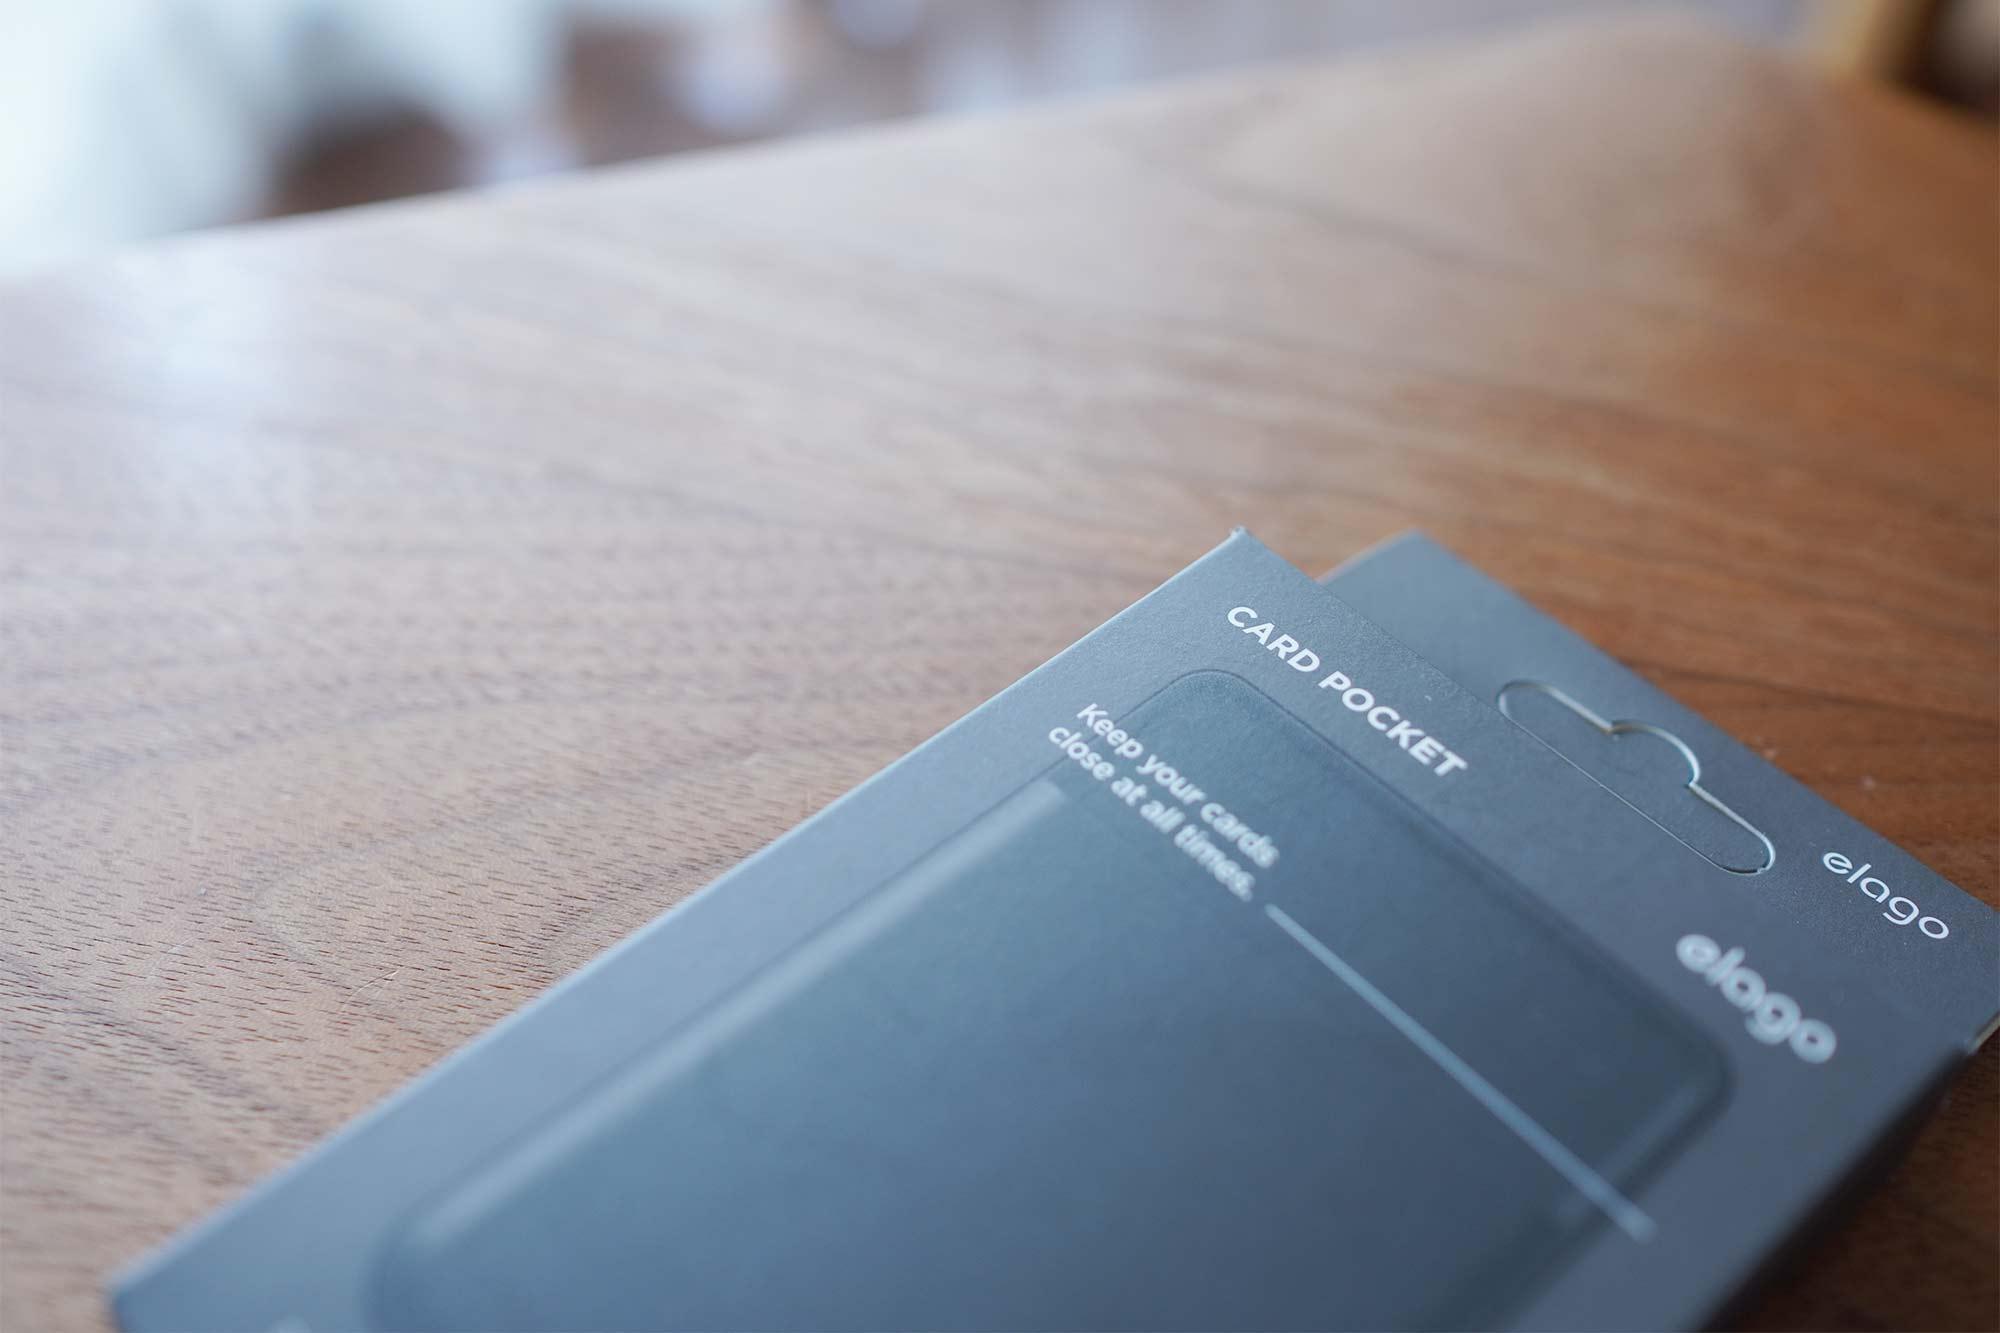 elago,背面ポケット,カードホルダー,カードポケット,お洒落,使いやすい,安い,パッケージ